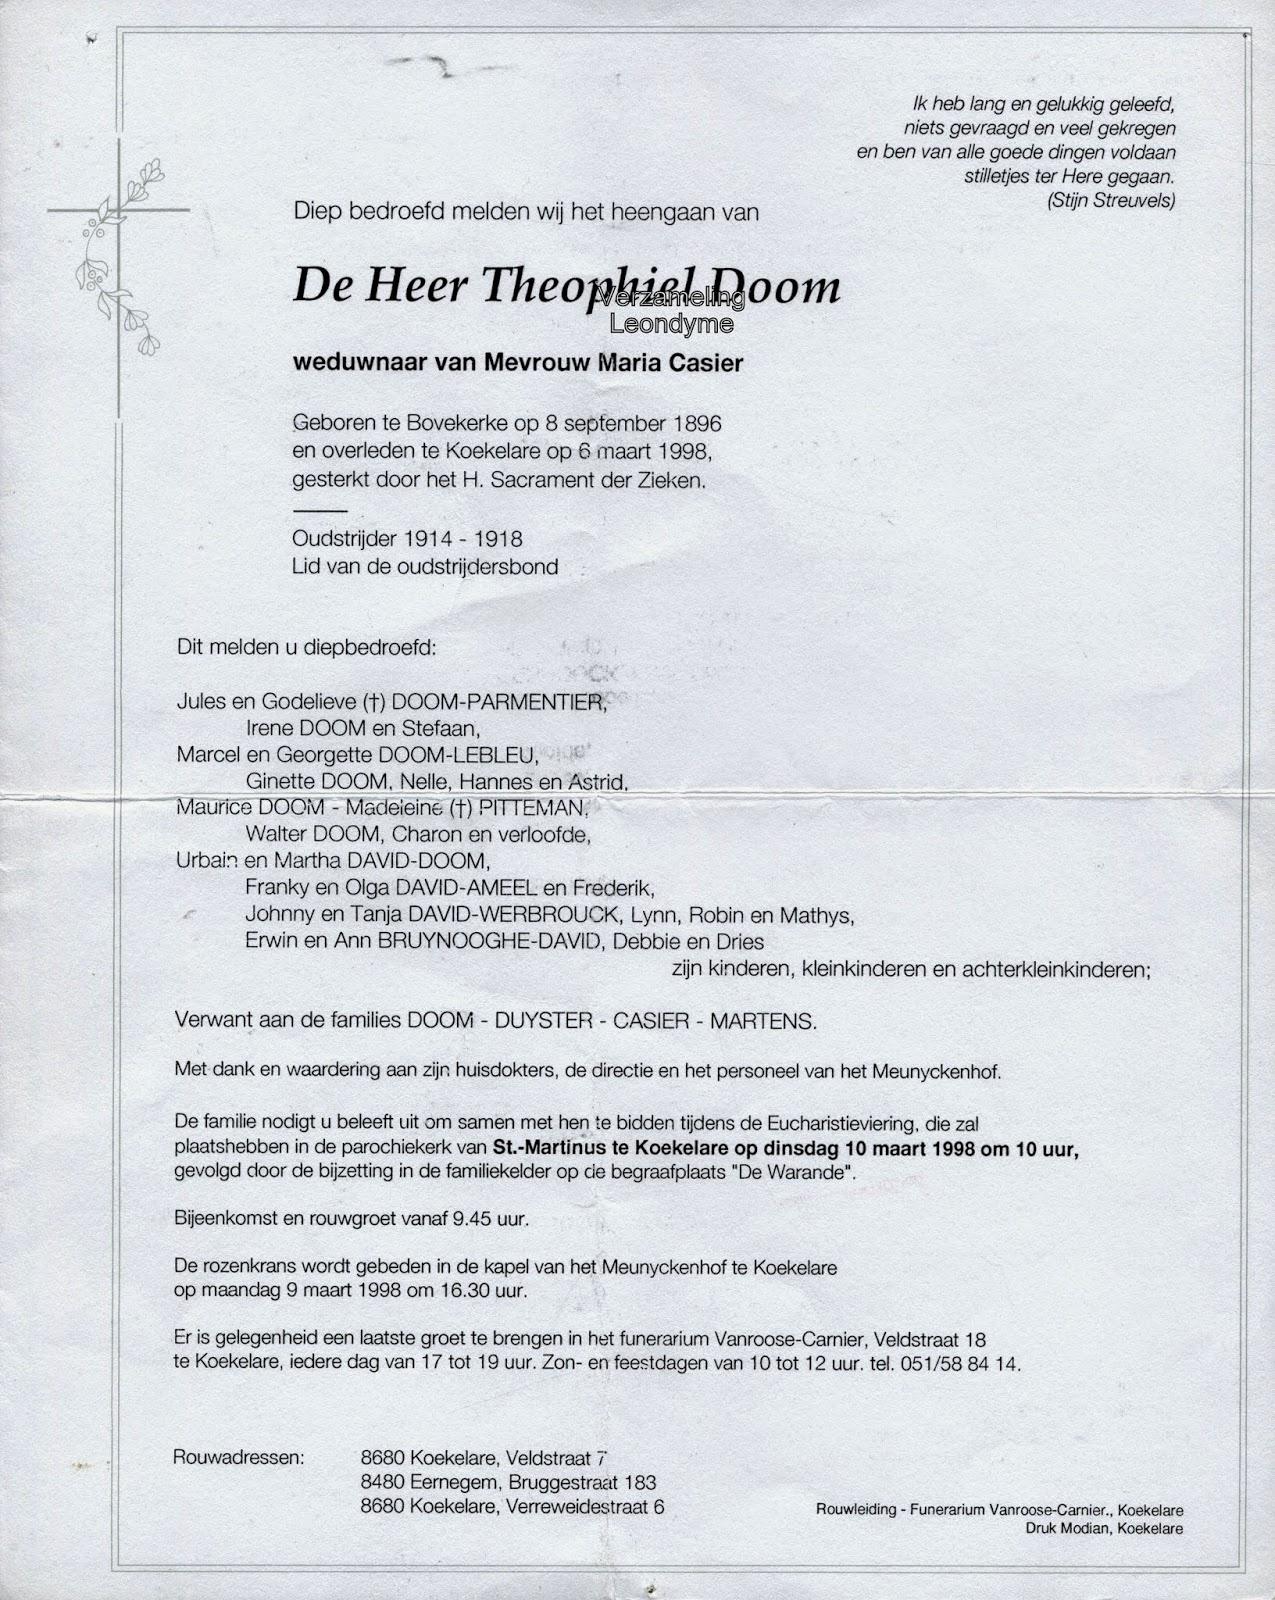 Rouwbrief, Theophiel Doom 1897-1998. Verzameling Leondyme